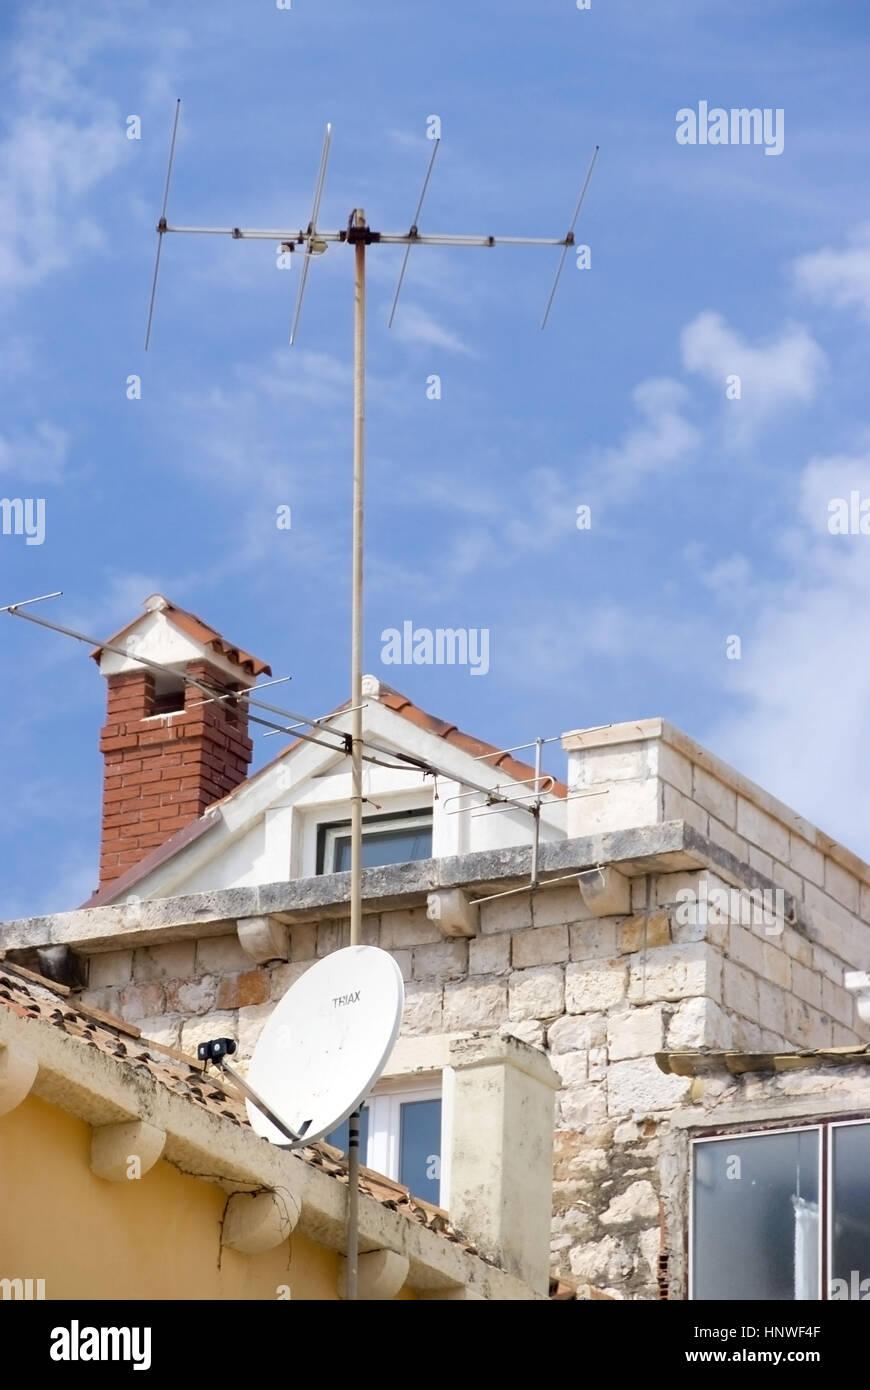 Antenne Und Satellitenschuessel am Dach - Antenne und Sat-Schüssel auf Dach Stockbild